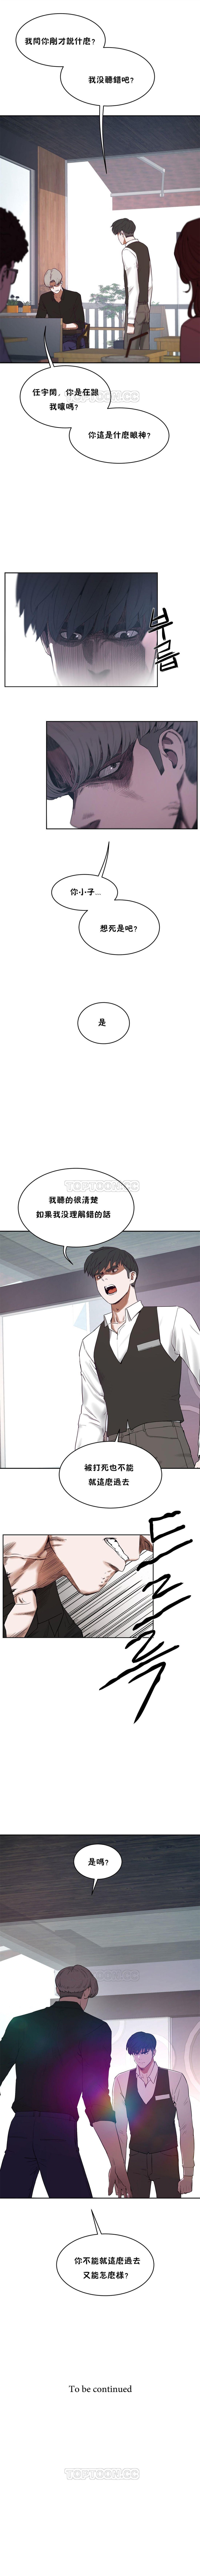 性教育 1-48.5 中文翻译(完結) 237